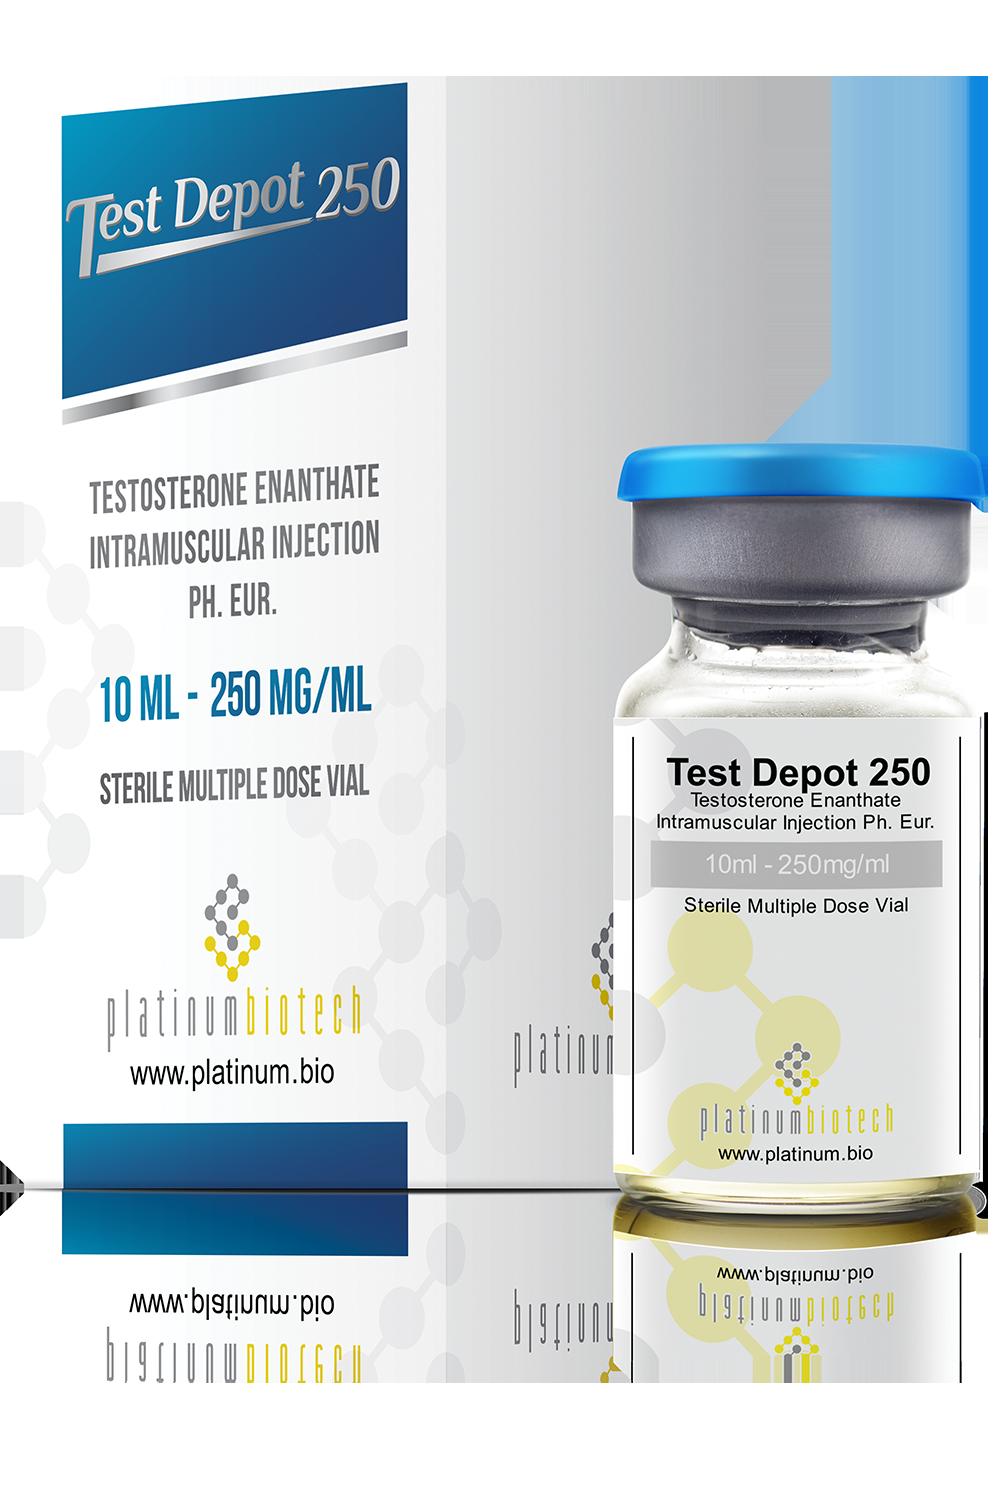 Test Depot 250